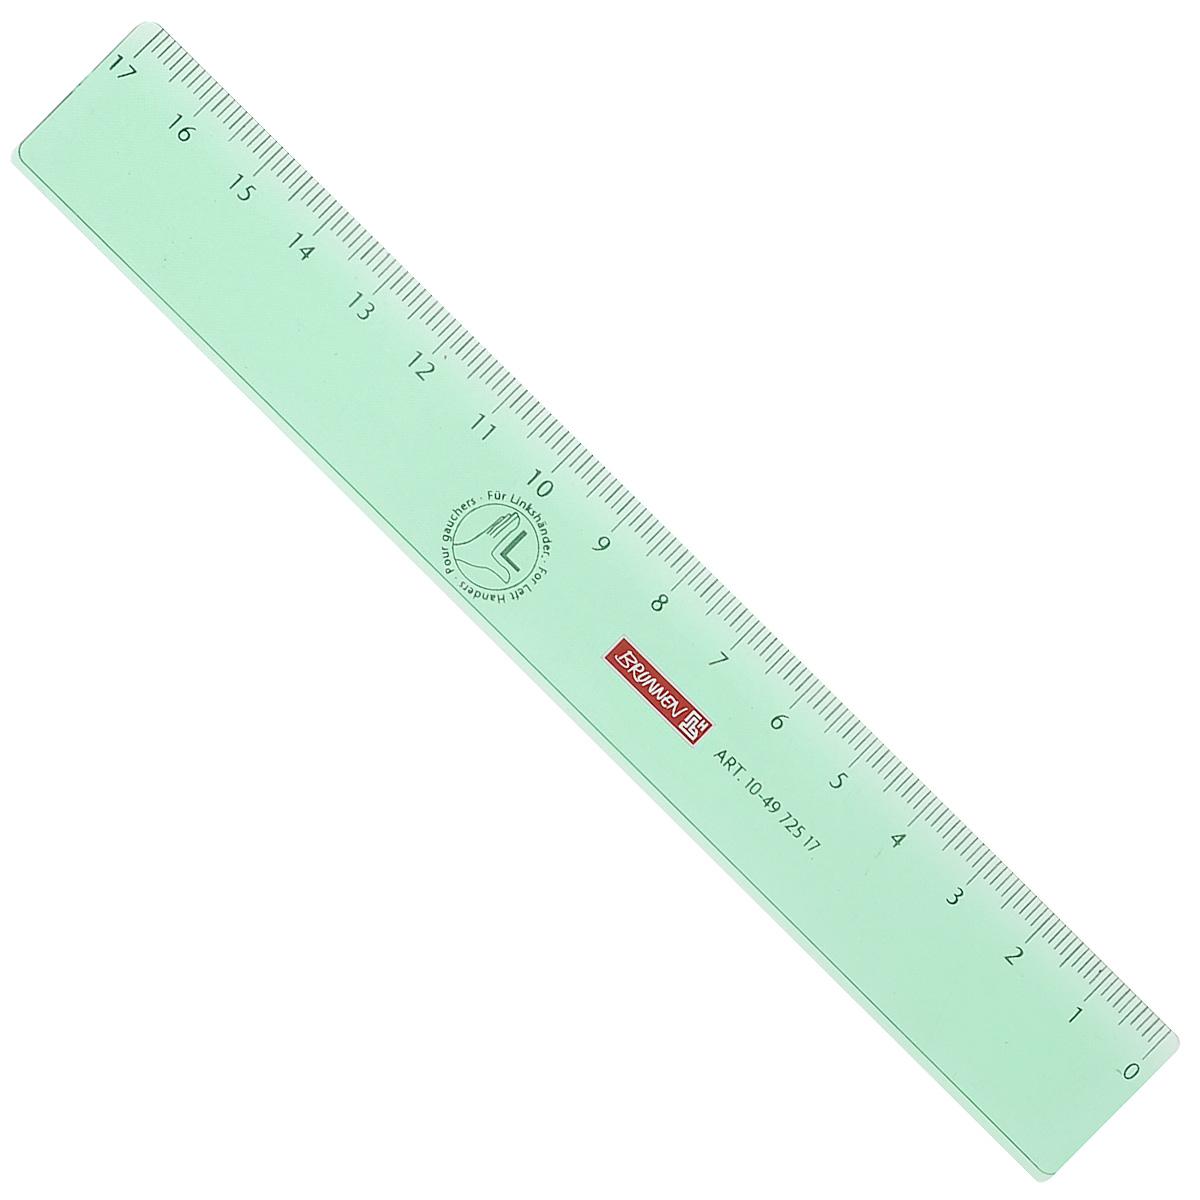 Линейка для левши Brunnen, цвет: зеленый, 17 см49725-17\BCDЛинейка Brunnen, длиной 17 см, выполнена из прозрачного пластика зеленого цвета. Линейка предназначена специально для левшей. Шкала на линейке расположена справа налево. Линейка Brunnen - это незаменимый атрибут, необходимый школьнику или студенту, упрощающий измерение и обеспечивающий ровность проводимых линий.